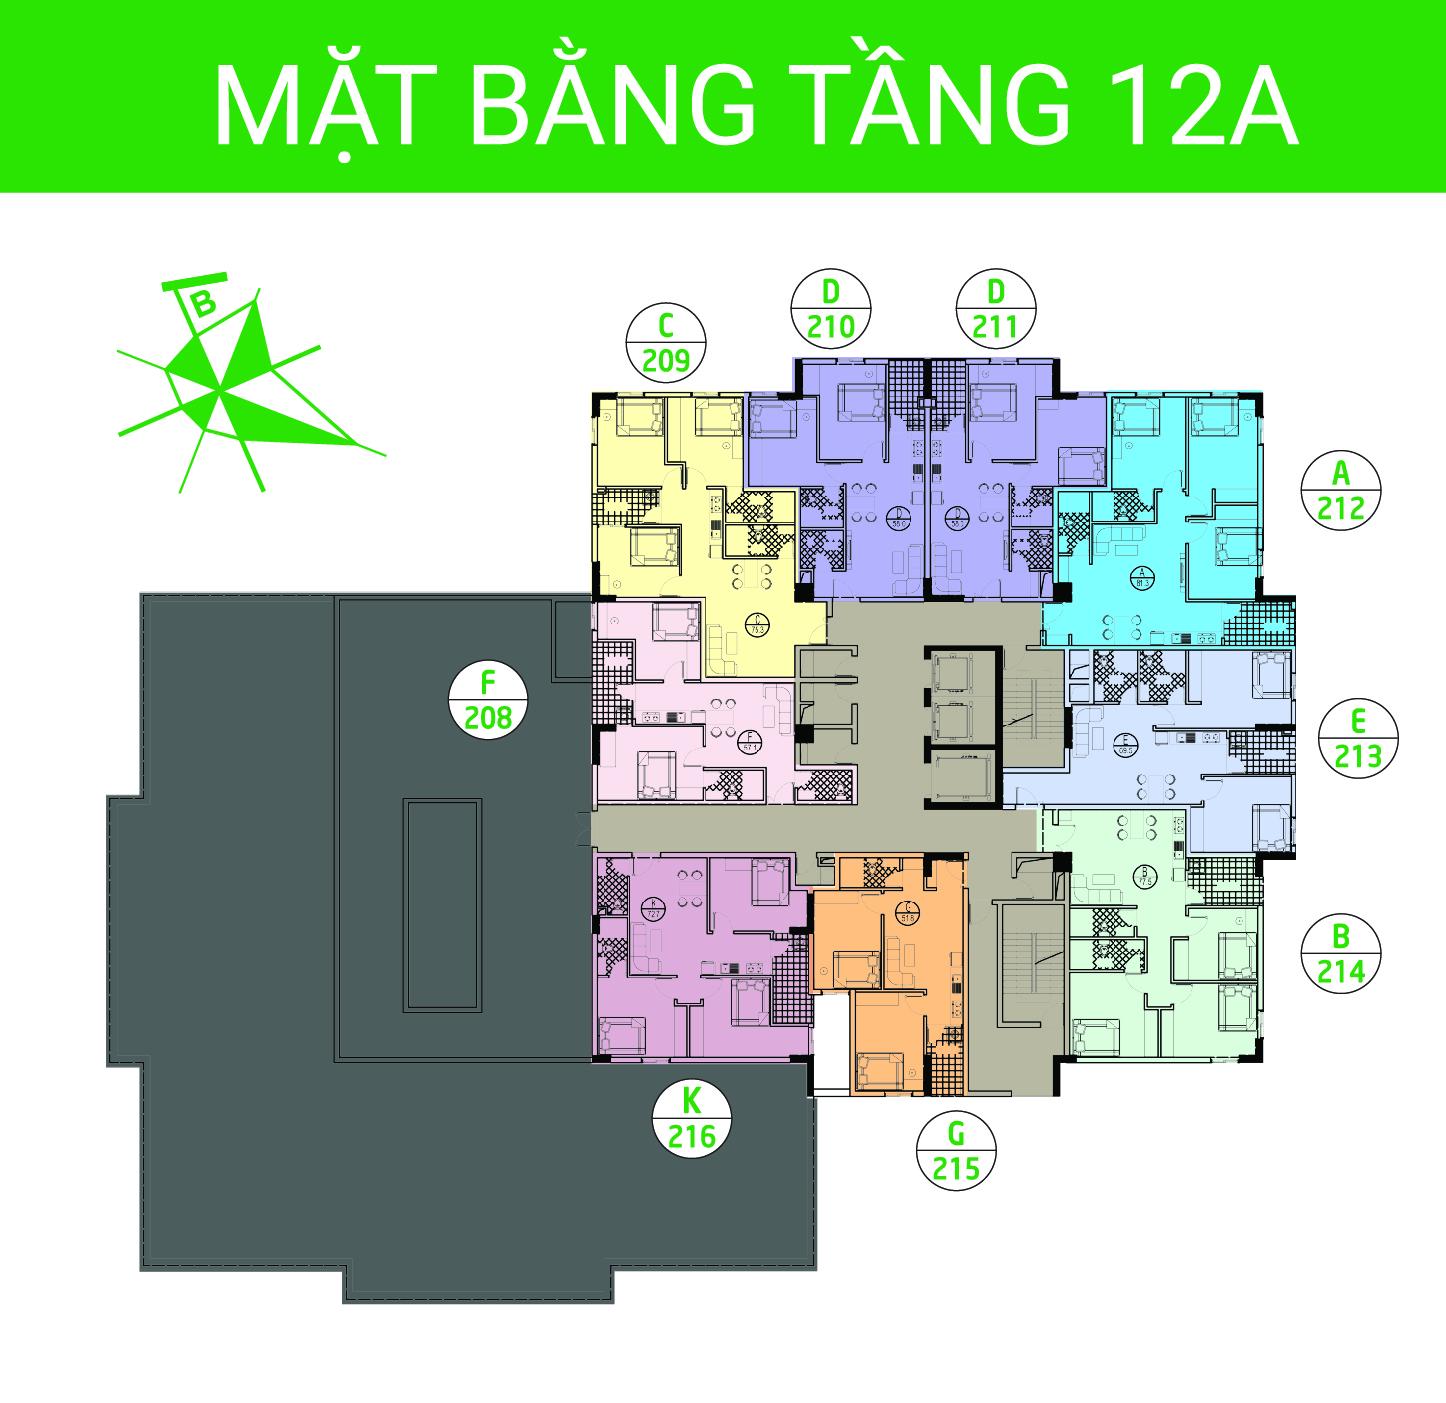 Mặt bằng tầng 12a - Chung cư Ruby City Việt Hưng